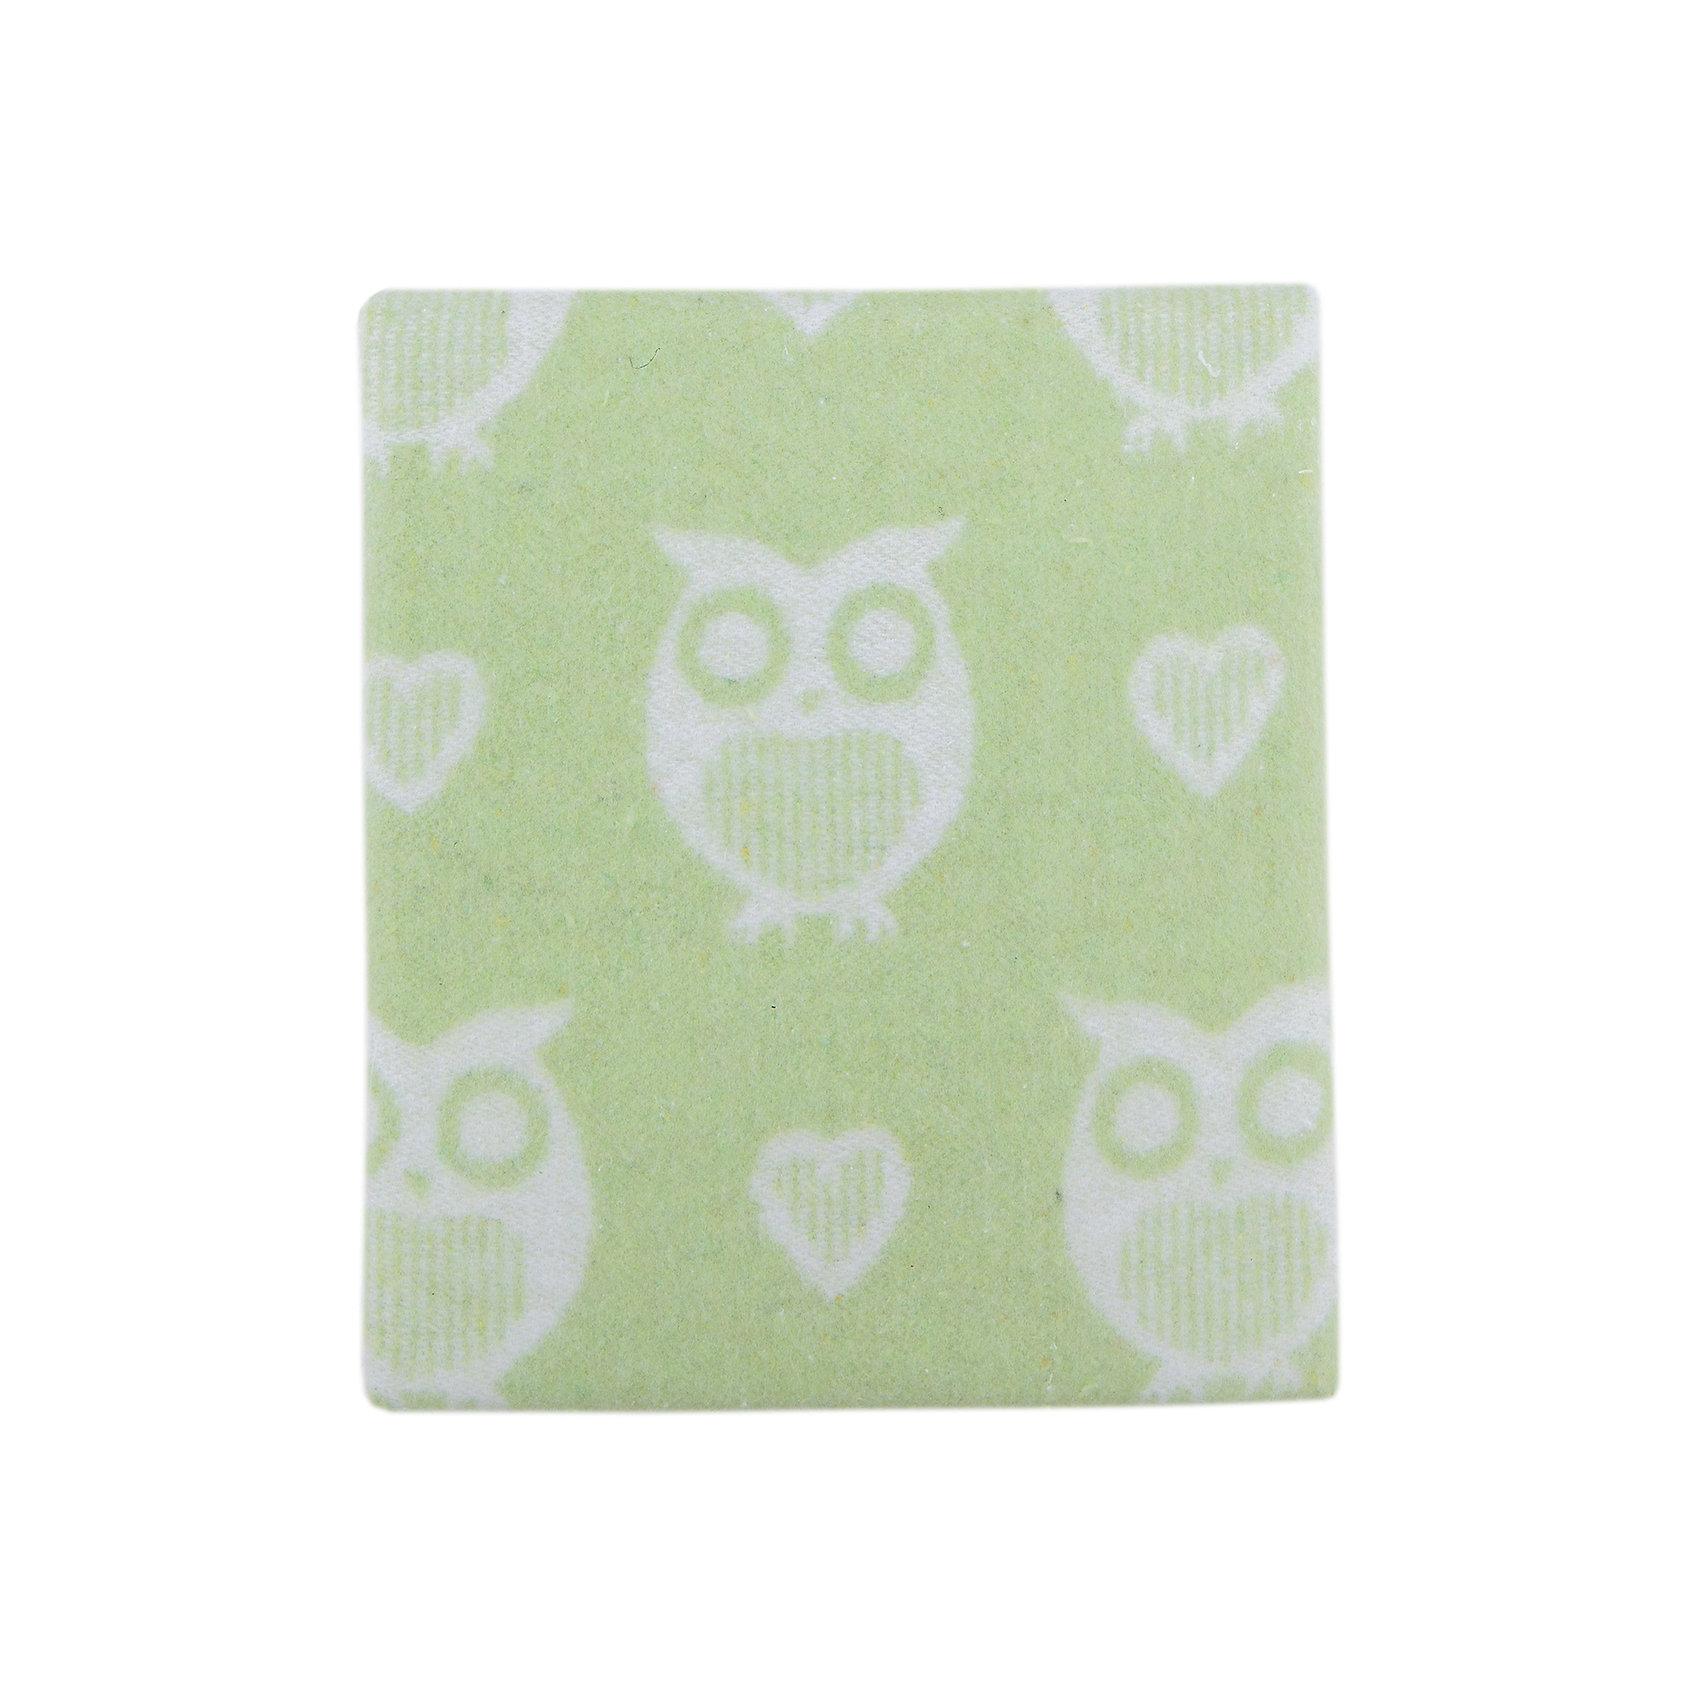 Одеяло байковое Совы 85х115, Baby Nice, салатовыйОдеяла, пледы<br>Предметы, находящиеся в детской кроватке, должны быть качественными и безопасными. Это одеяло разработано специально для малышей, оно обеспечивает комфорт на всю ночь. Одеяло украшено симпатичным принтом.<br>Одеяло сшито из натурального дышащего хлопка, приятного на ощупь. Он не вызывает аллергии, что особенно важно для малышей. Оно обеспечит хорошую терморегуляцию, а значит - крепкий сон. Одеяло сделано из высококачественных материалов, безопасных для ребенка.<br><br>Дополнительная информация:<br><br>цвет: салатовый;<br>материал: хлопок, жаккард;<br>принт;<br>размер: 85 х 115 см.<br><br>Одеяло байковое Совы 85х115 от компании Baby Nice можно купить в нашем магазине.<br><br>Ширина мм: 230<br>Глубина мм: 250<br>Высота мм: 40<br>Вес г: 500<br>Возраст от месяцев: 0<br>Возраст до месяцев: 36<br>Пол: Унисекс<br>Возраст: Детский<br>SKU: 4941747